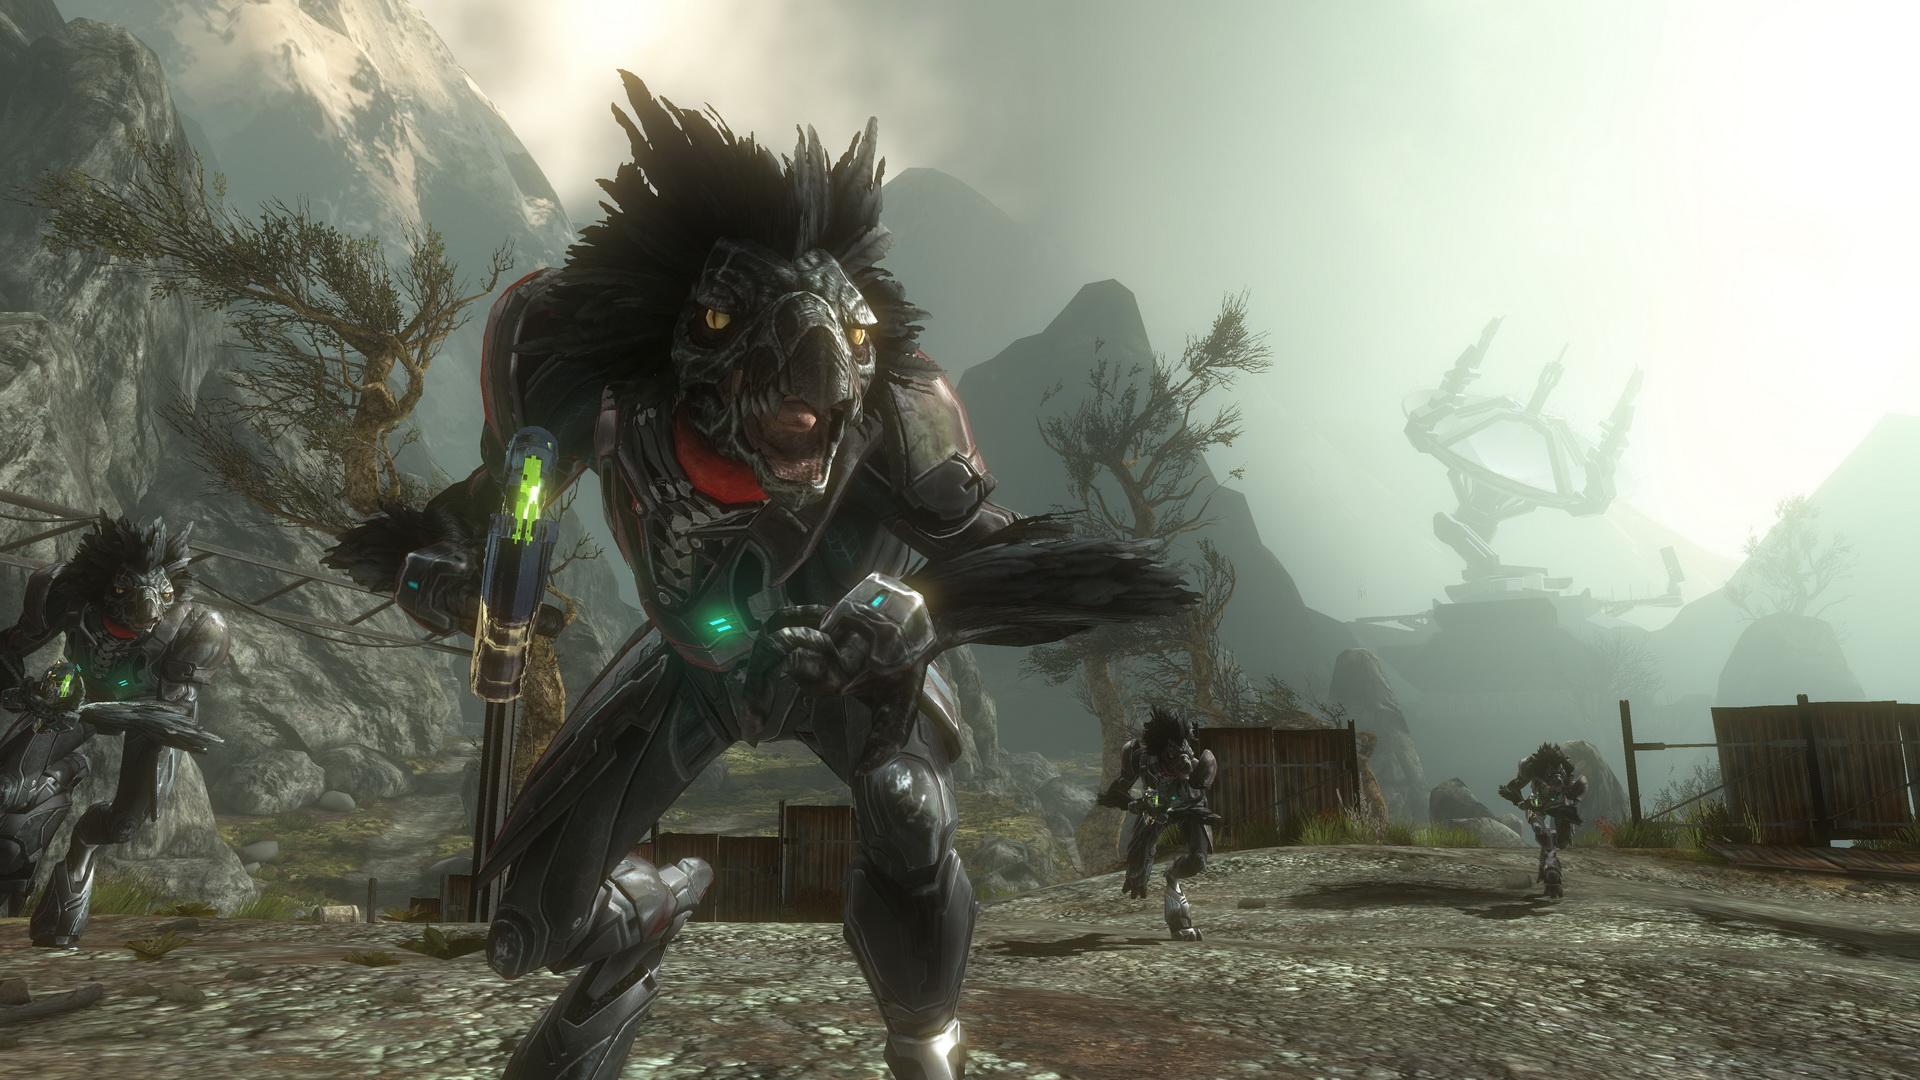 Halo 3 odst pc | torrentsbees.